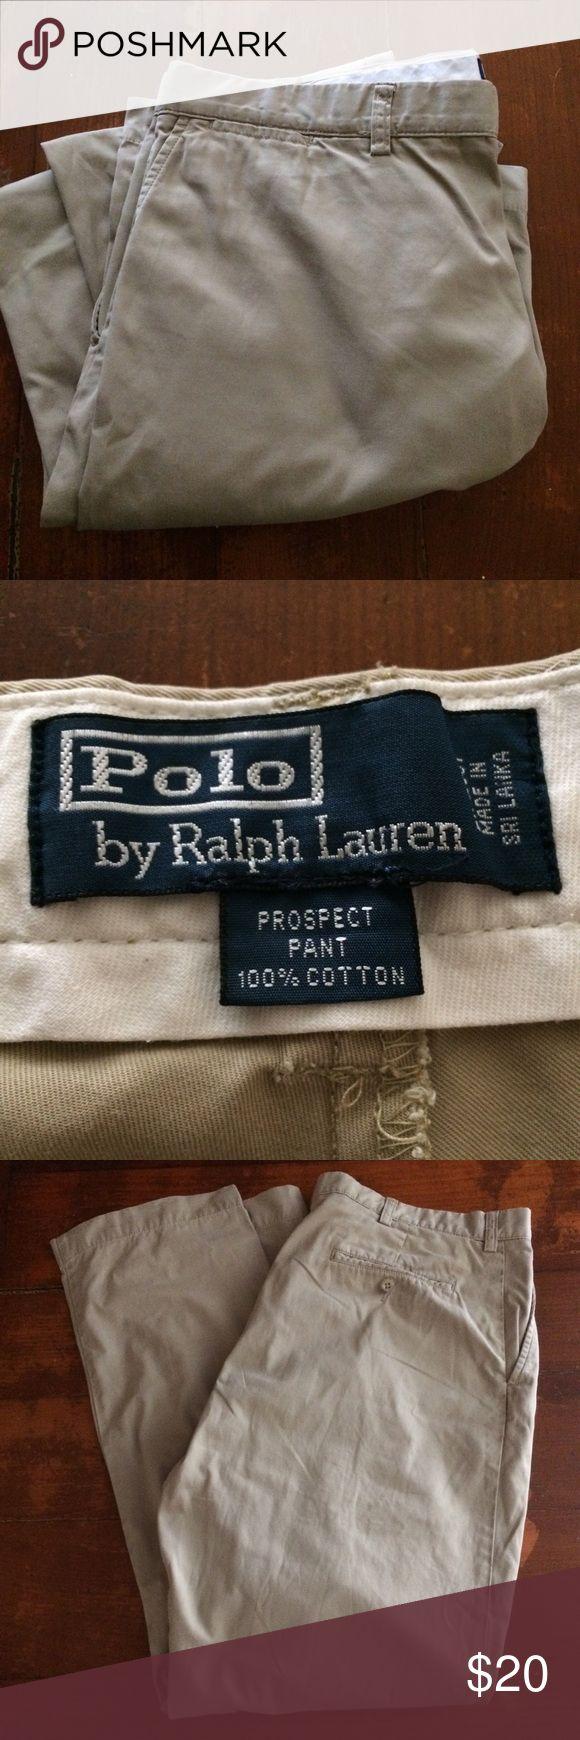 100% Cotton Polo Ralph Lauren Prospect Cut Pants 100% Cotton Polo by Ralph Lauren Prospect Cut Pants! Size 38x32, Color: Beige Polo by Ralph Lauren Pants Chinos & Khakis